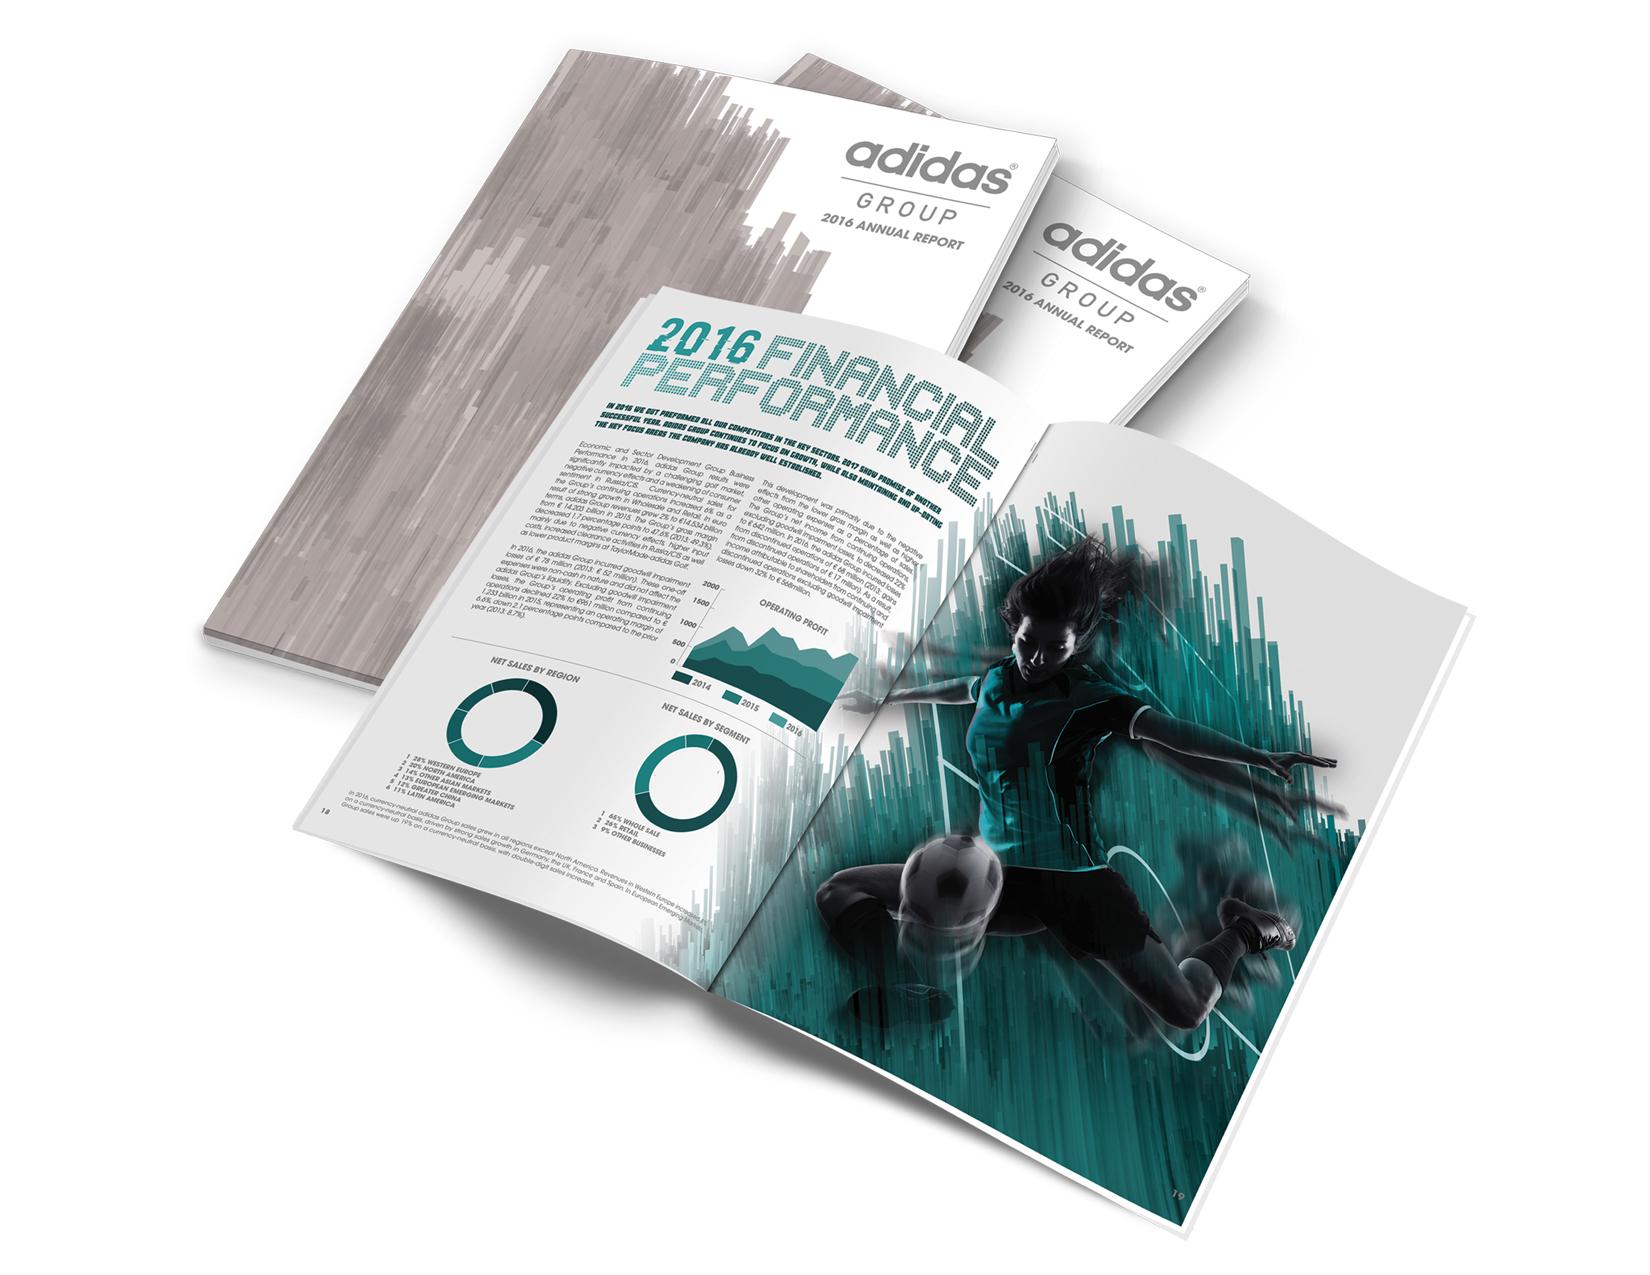 fumar Percibir Encommium  Steve Mathews Portfolio - Adidas Annual Report